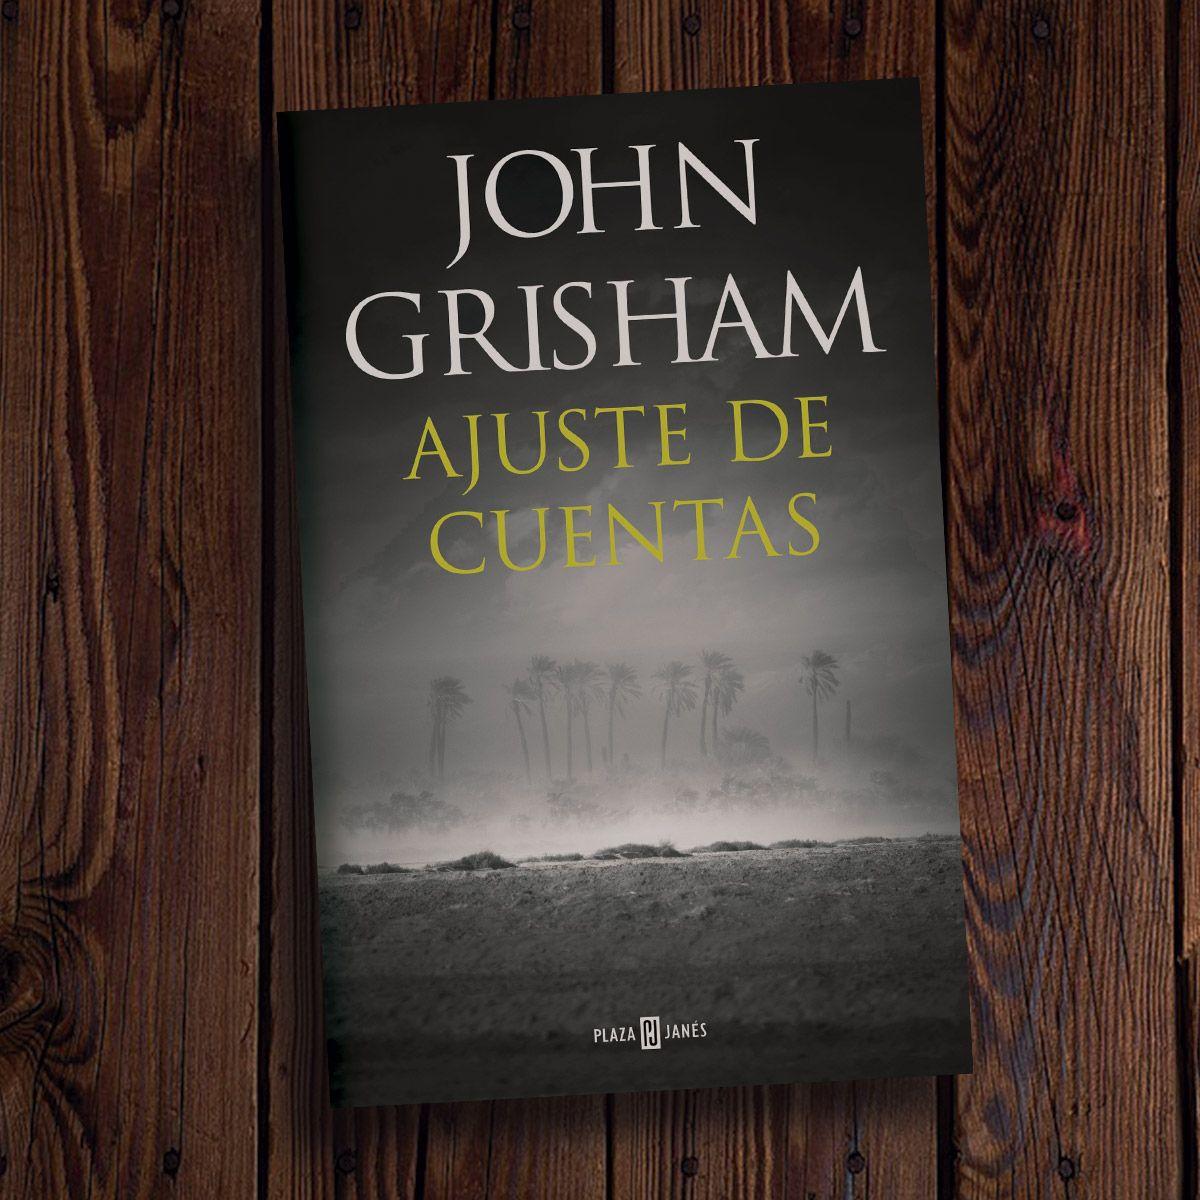 No Te Pierdas El Nuevo Libro De John Grisham El Mejor Autor Vivo De Thriller Ken Follett En Esta Novela Libros Para Leer Ajustes De Cuentas Comprar Libros